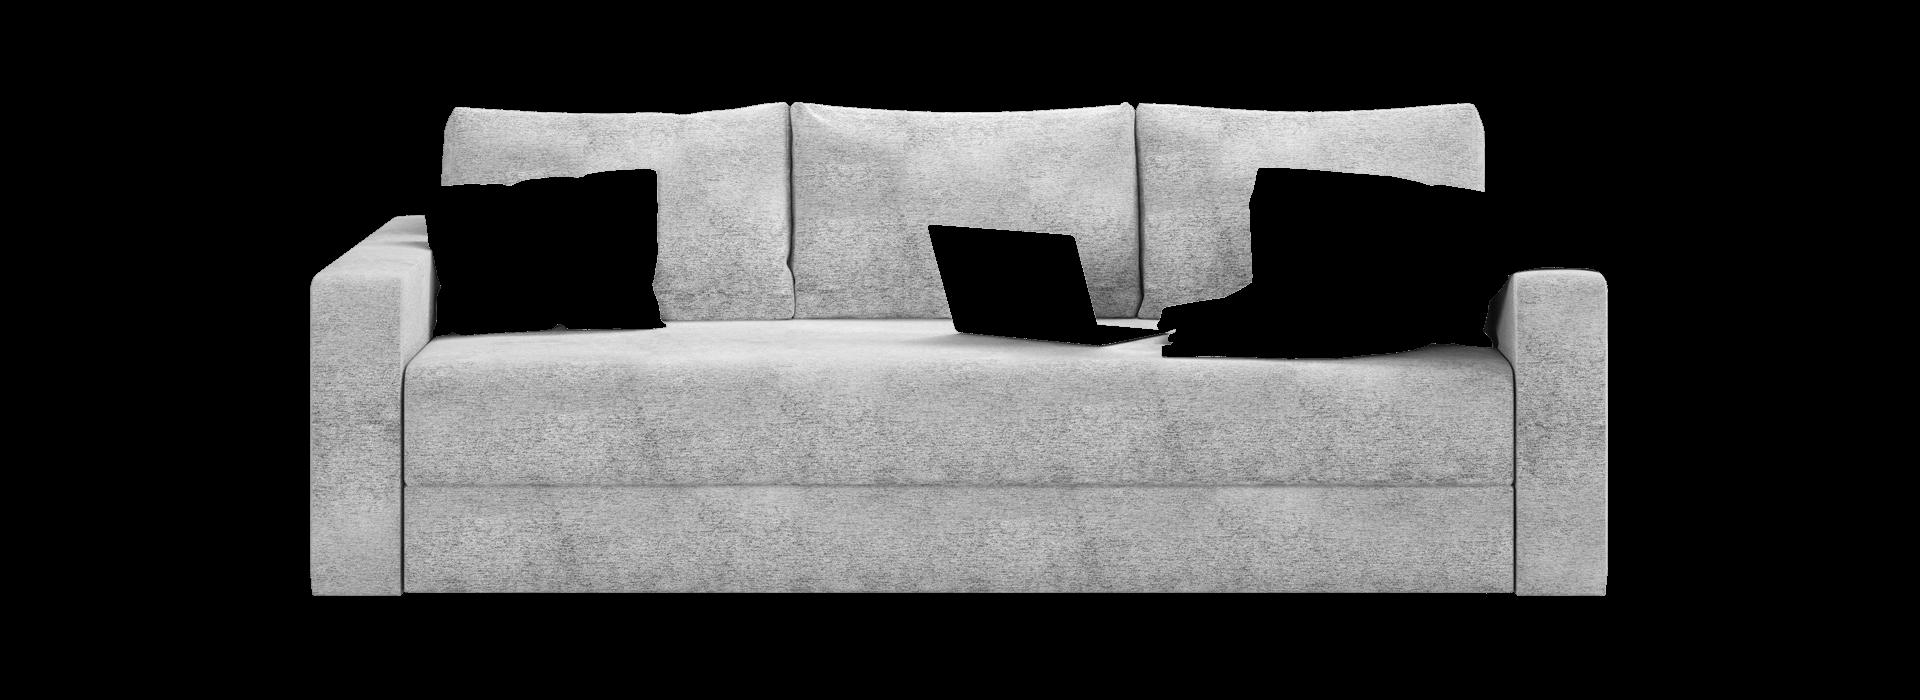 Ям Прямой диван - маска 1